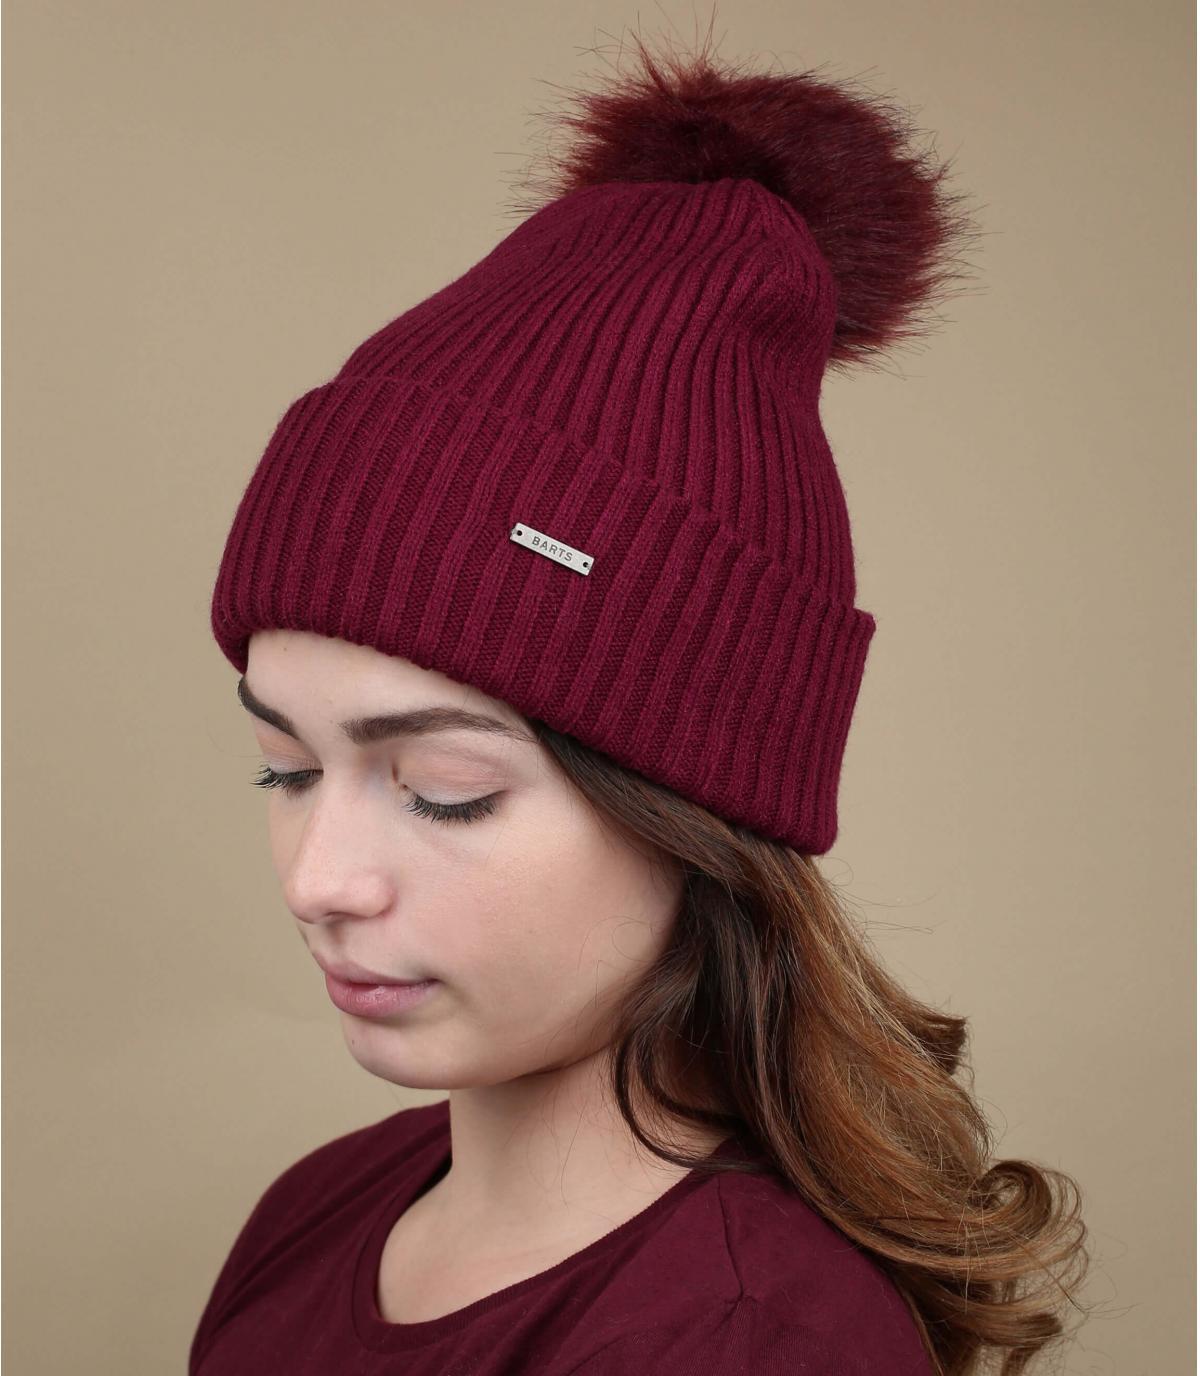 Bommel Mütze bordeauxrot